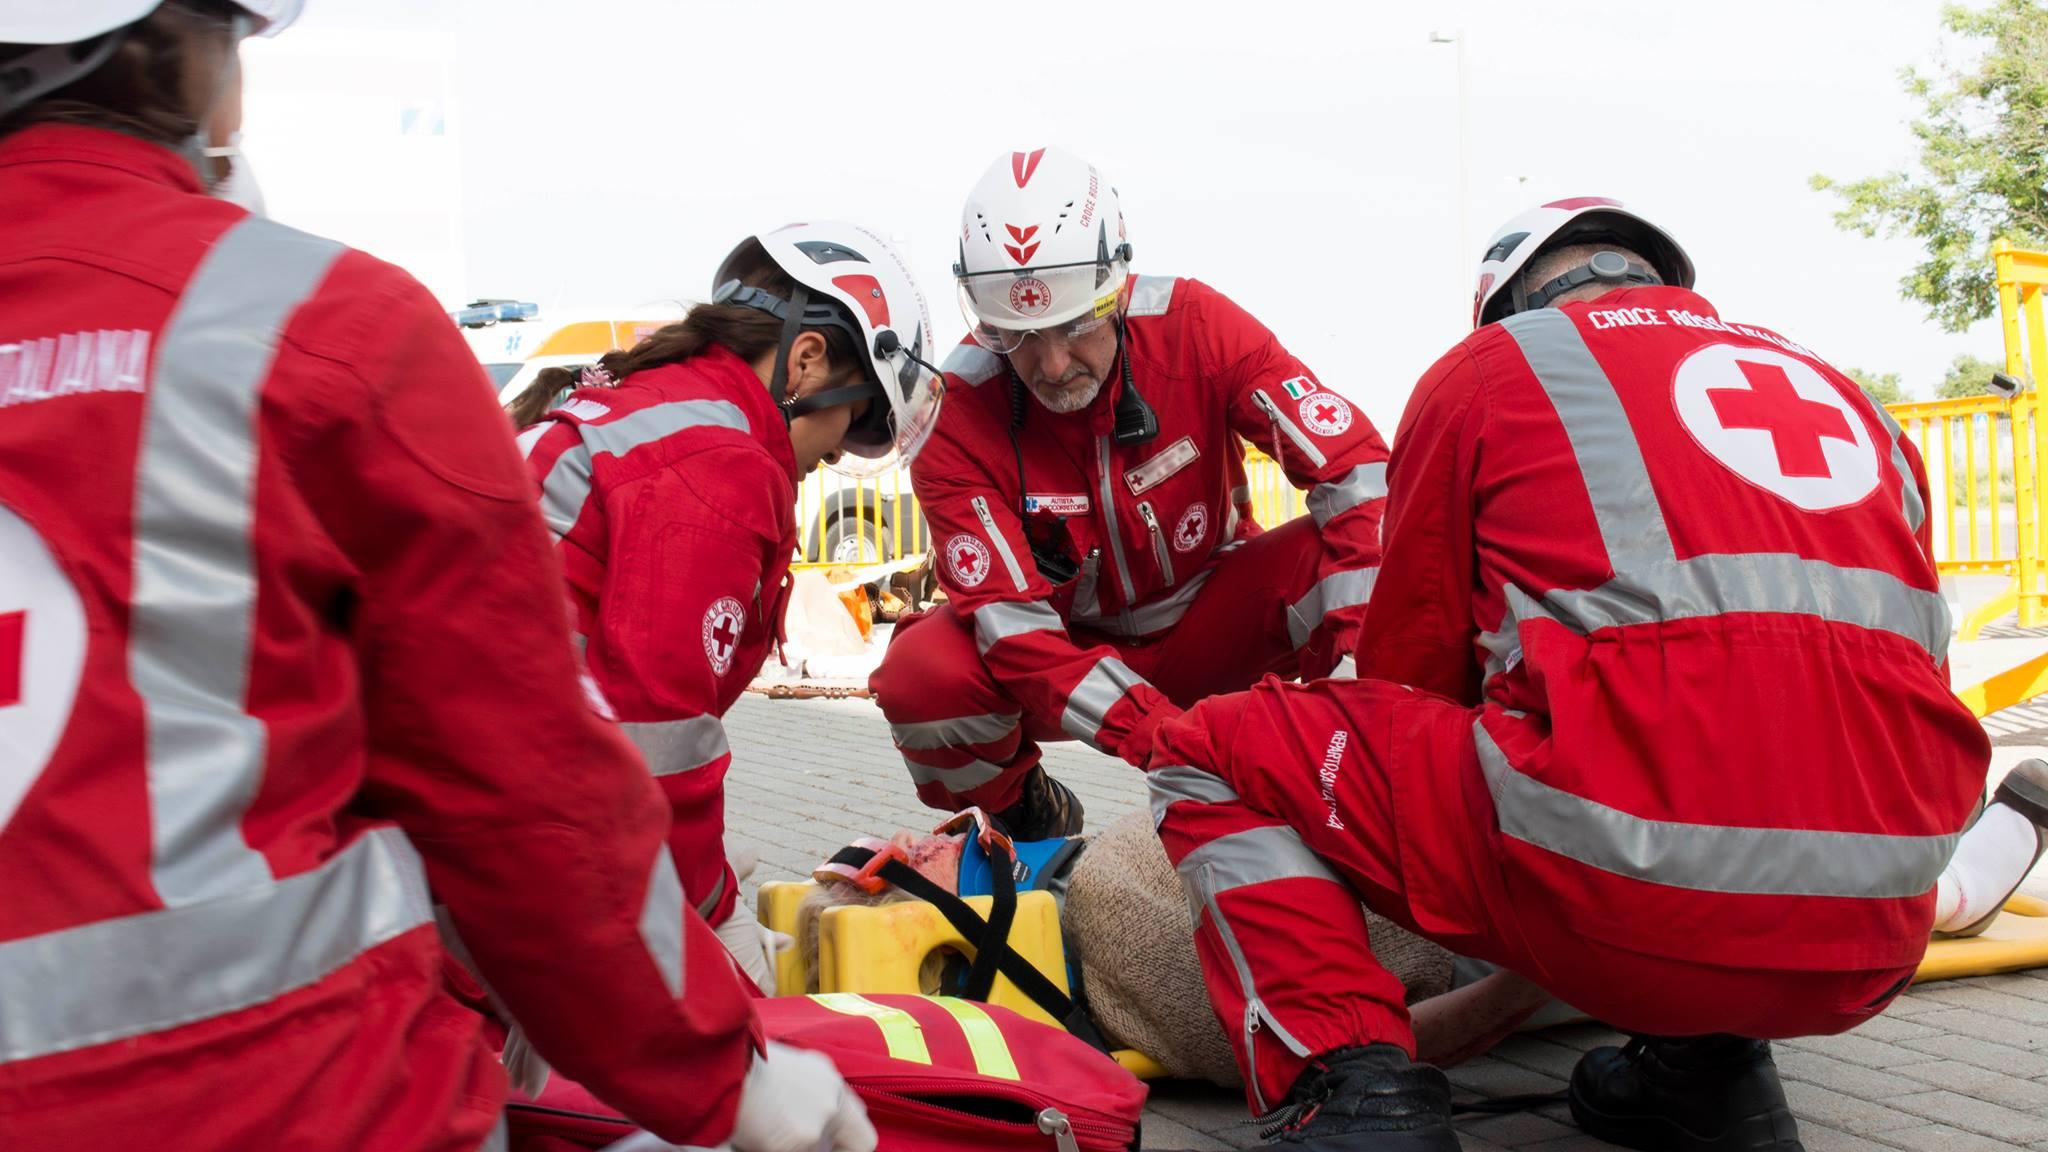 LAVORO – Croce Rossa Roma ricerca medici, infermieri e altro personale